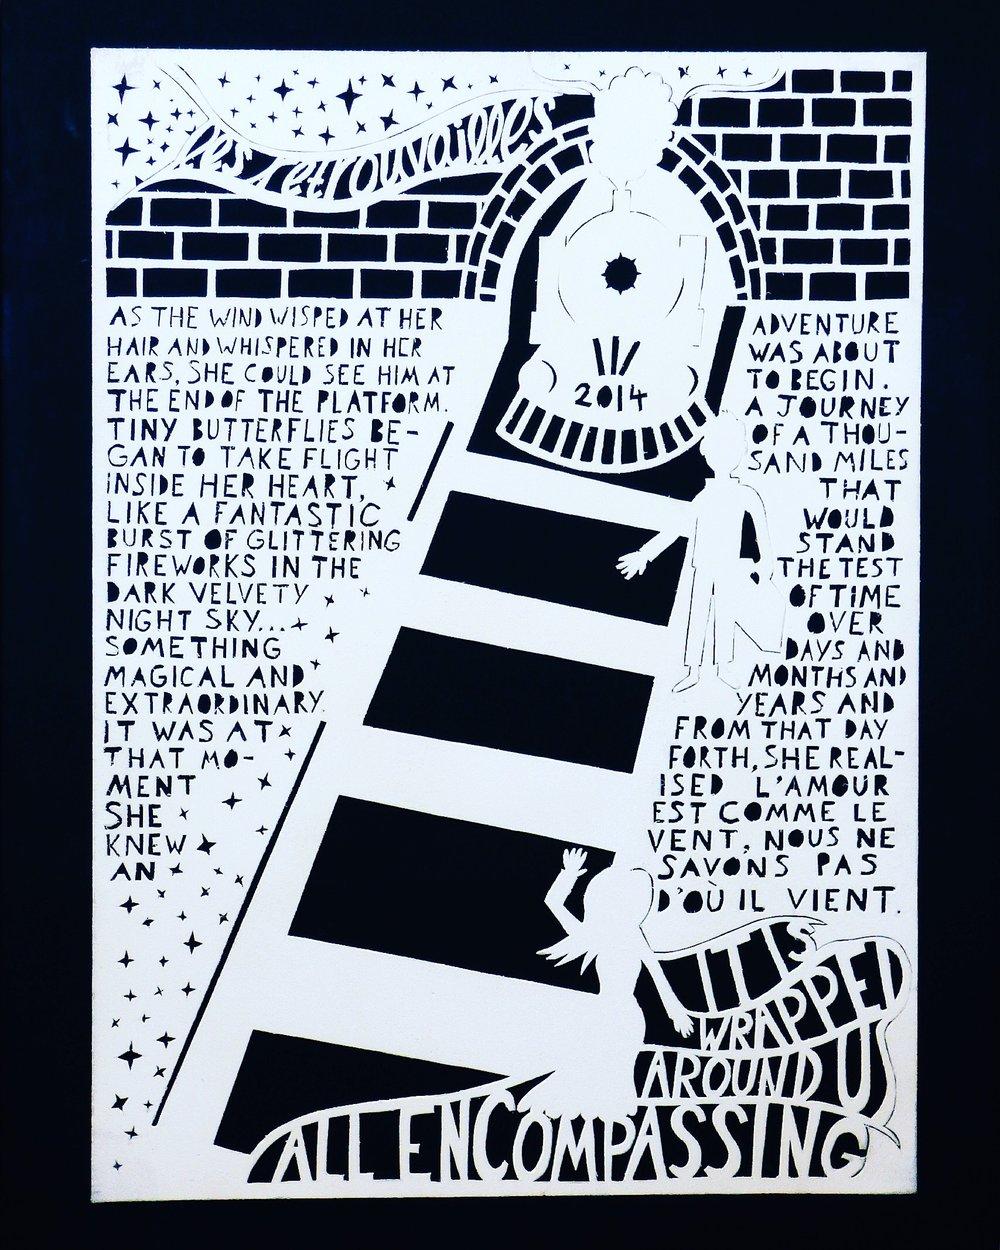 Les Retrouvailles Hand-cut card, A3 Charlotte Avent, 2014